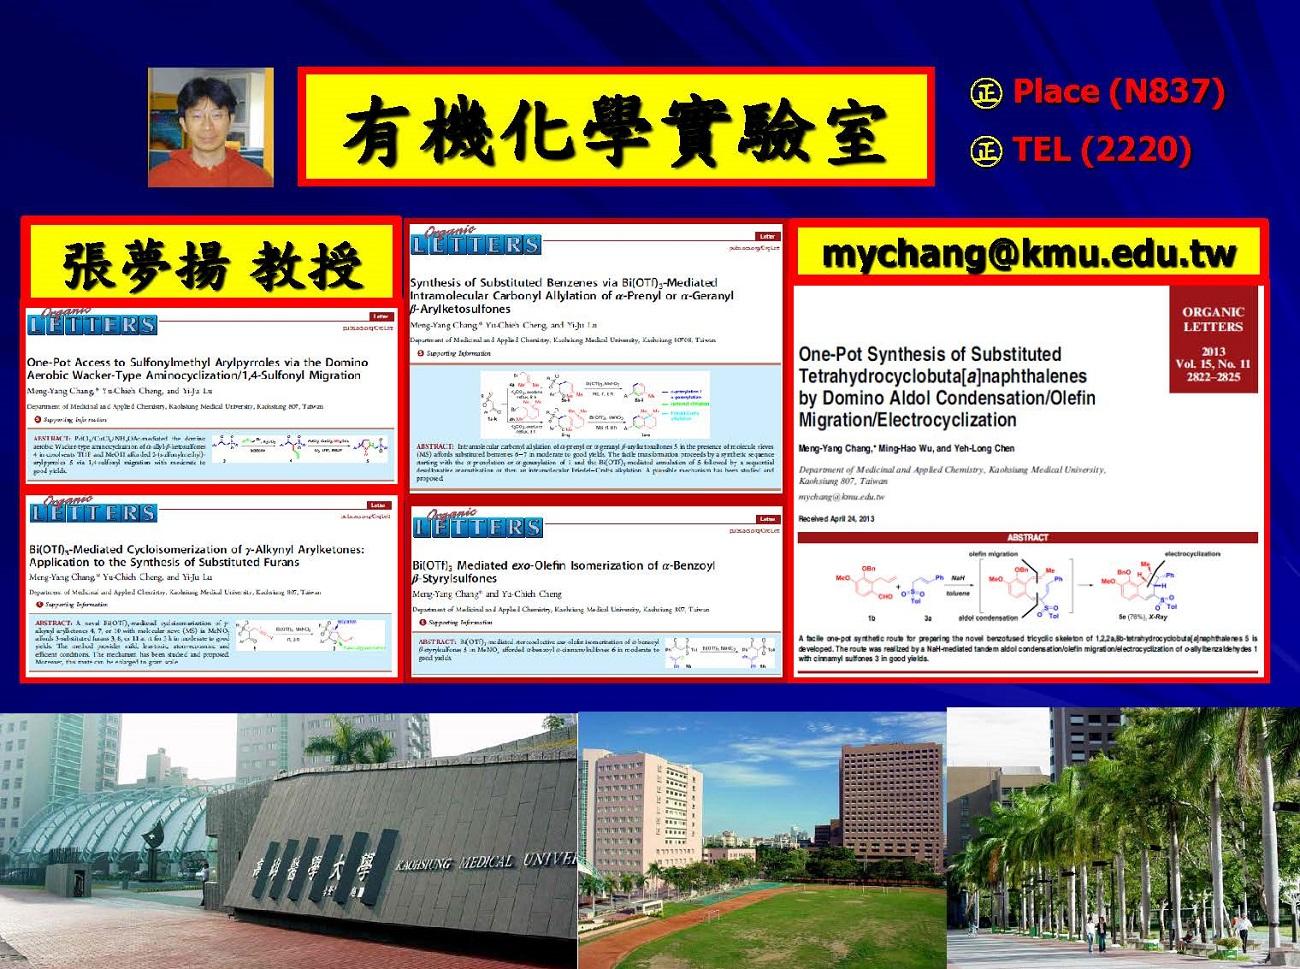 myc_lab1.jpg